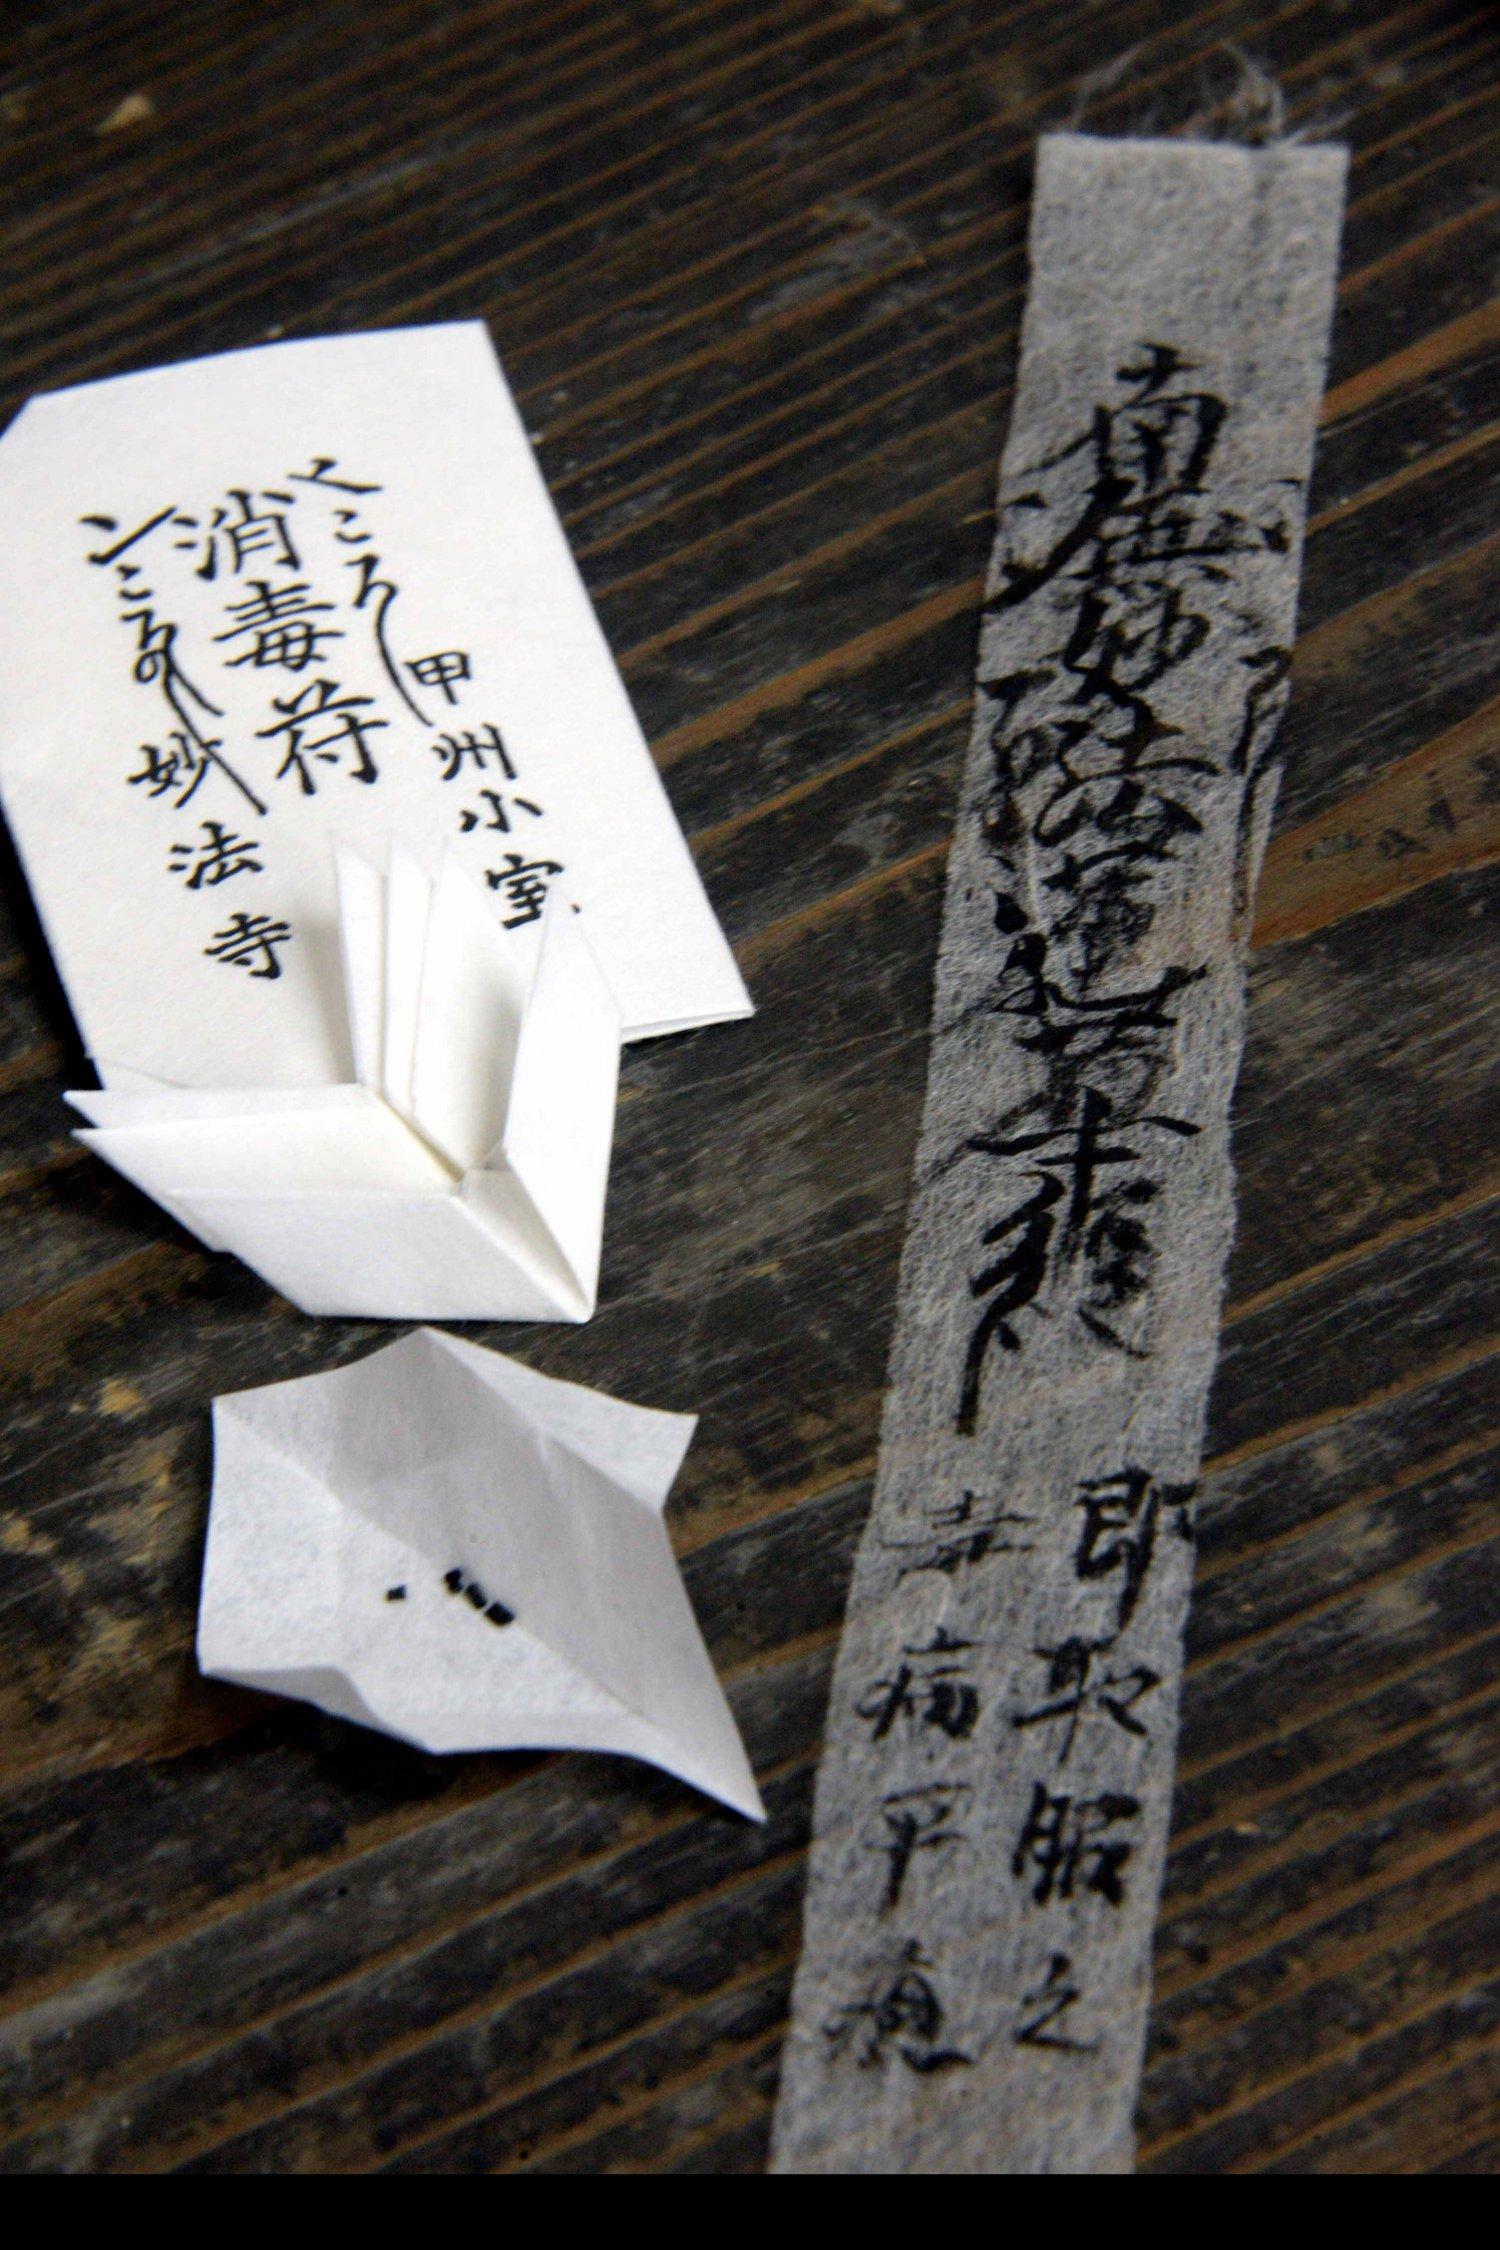 日蓮の身代わりになった犬を助けた毒消しの護符。500円。